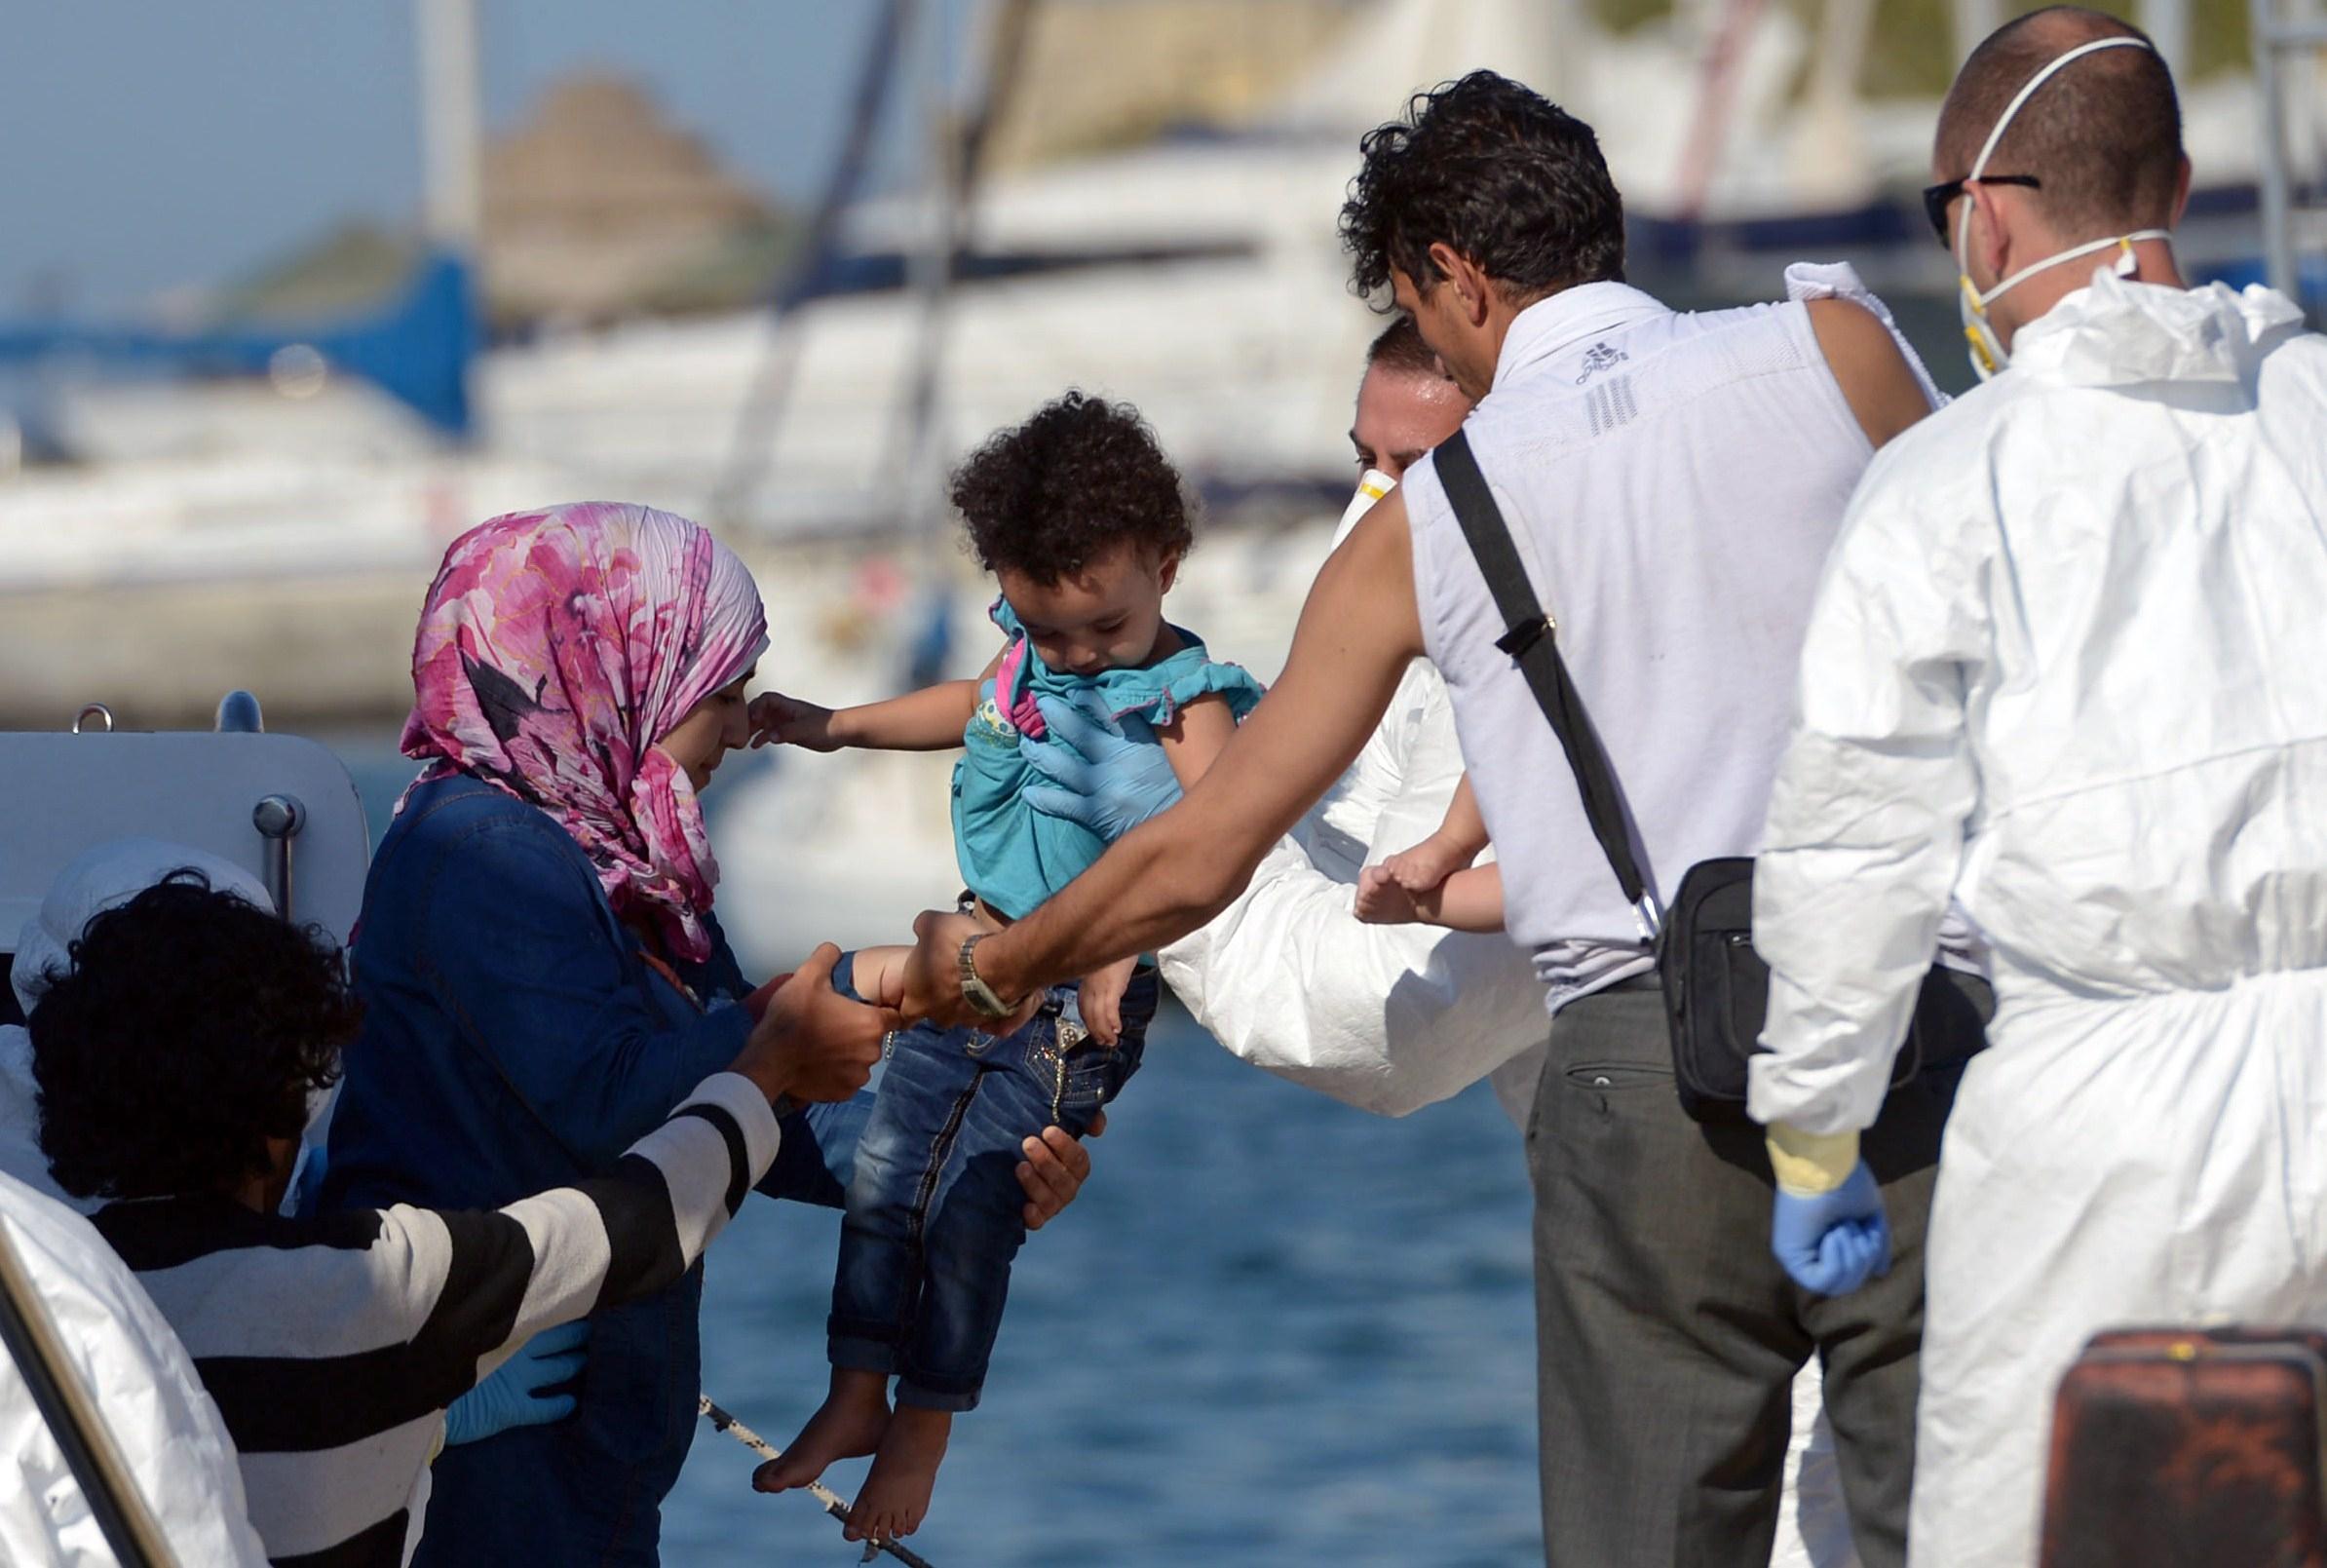 Europe's refugee crisis, explained